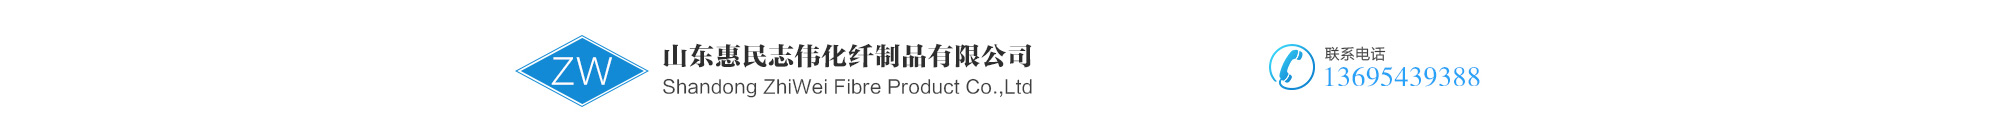 山东惠民志伟化纤制品有限公司